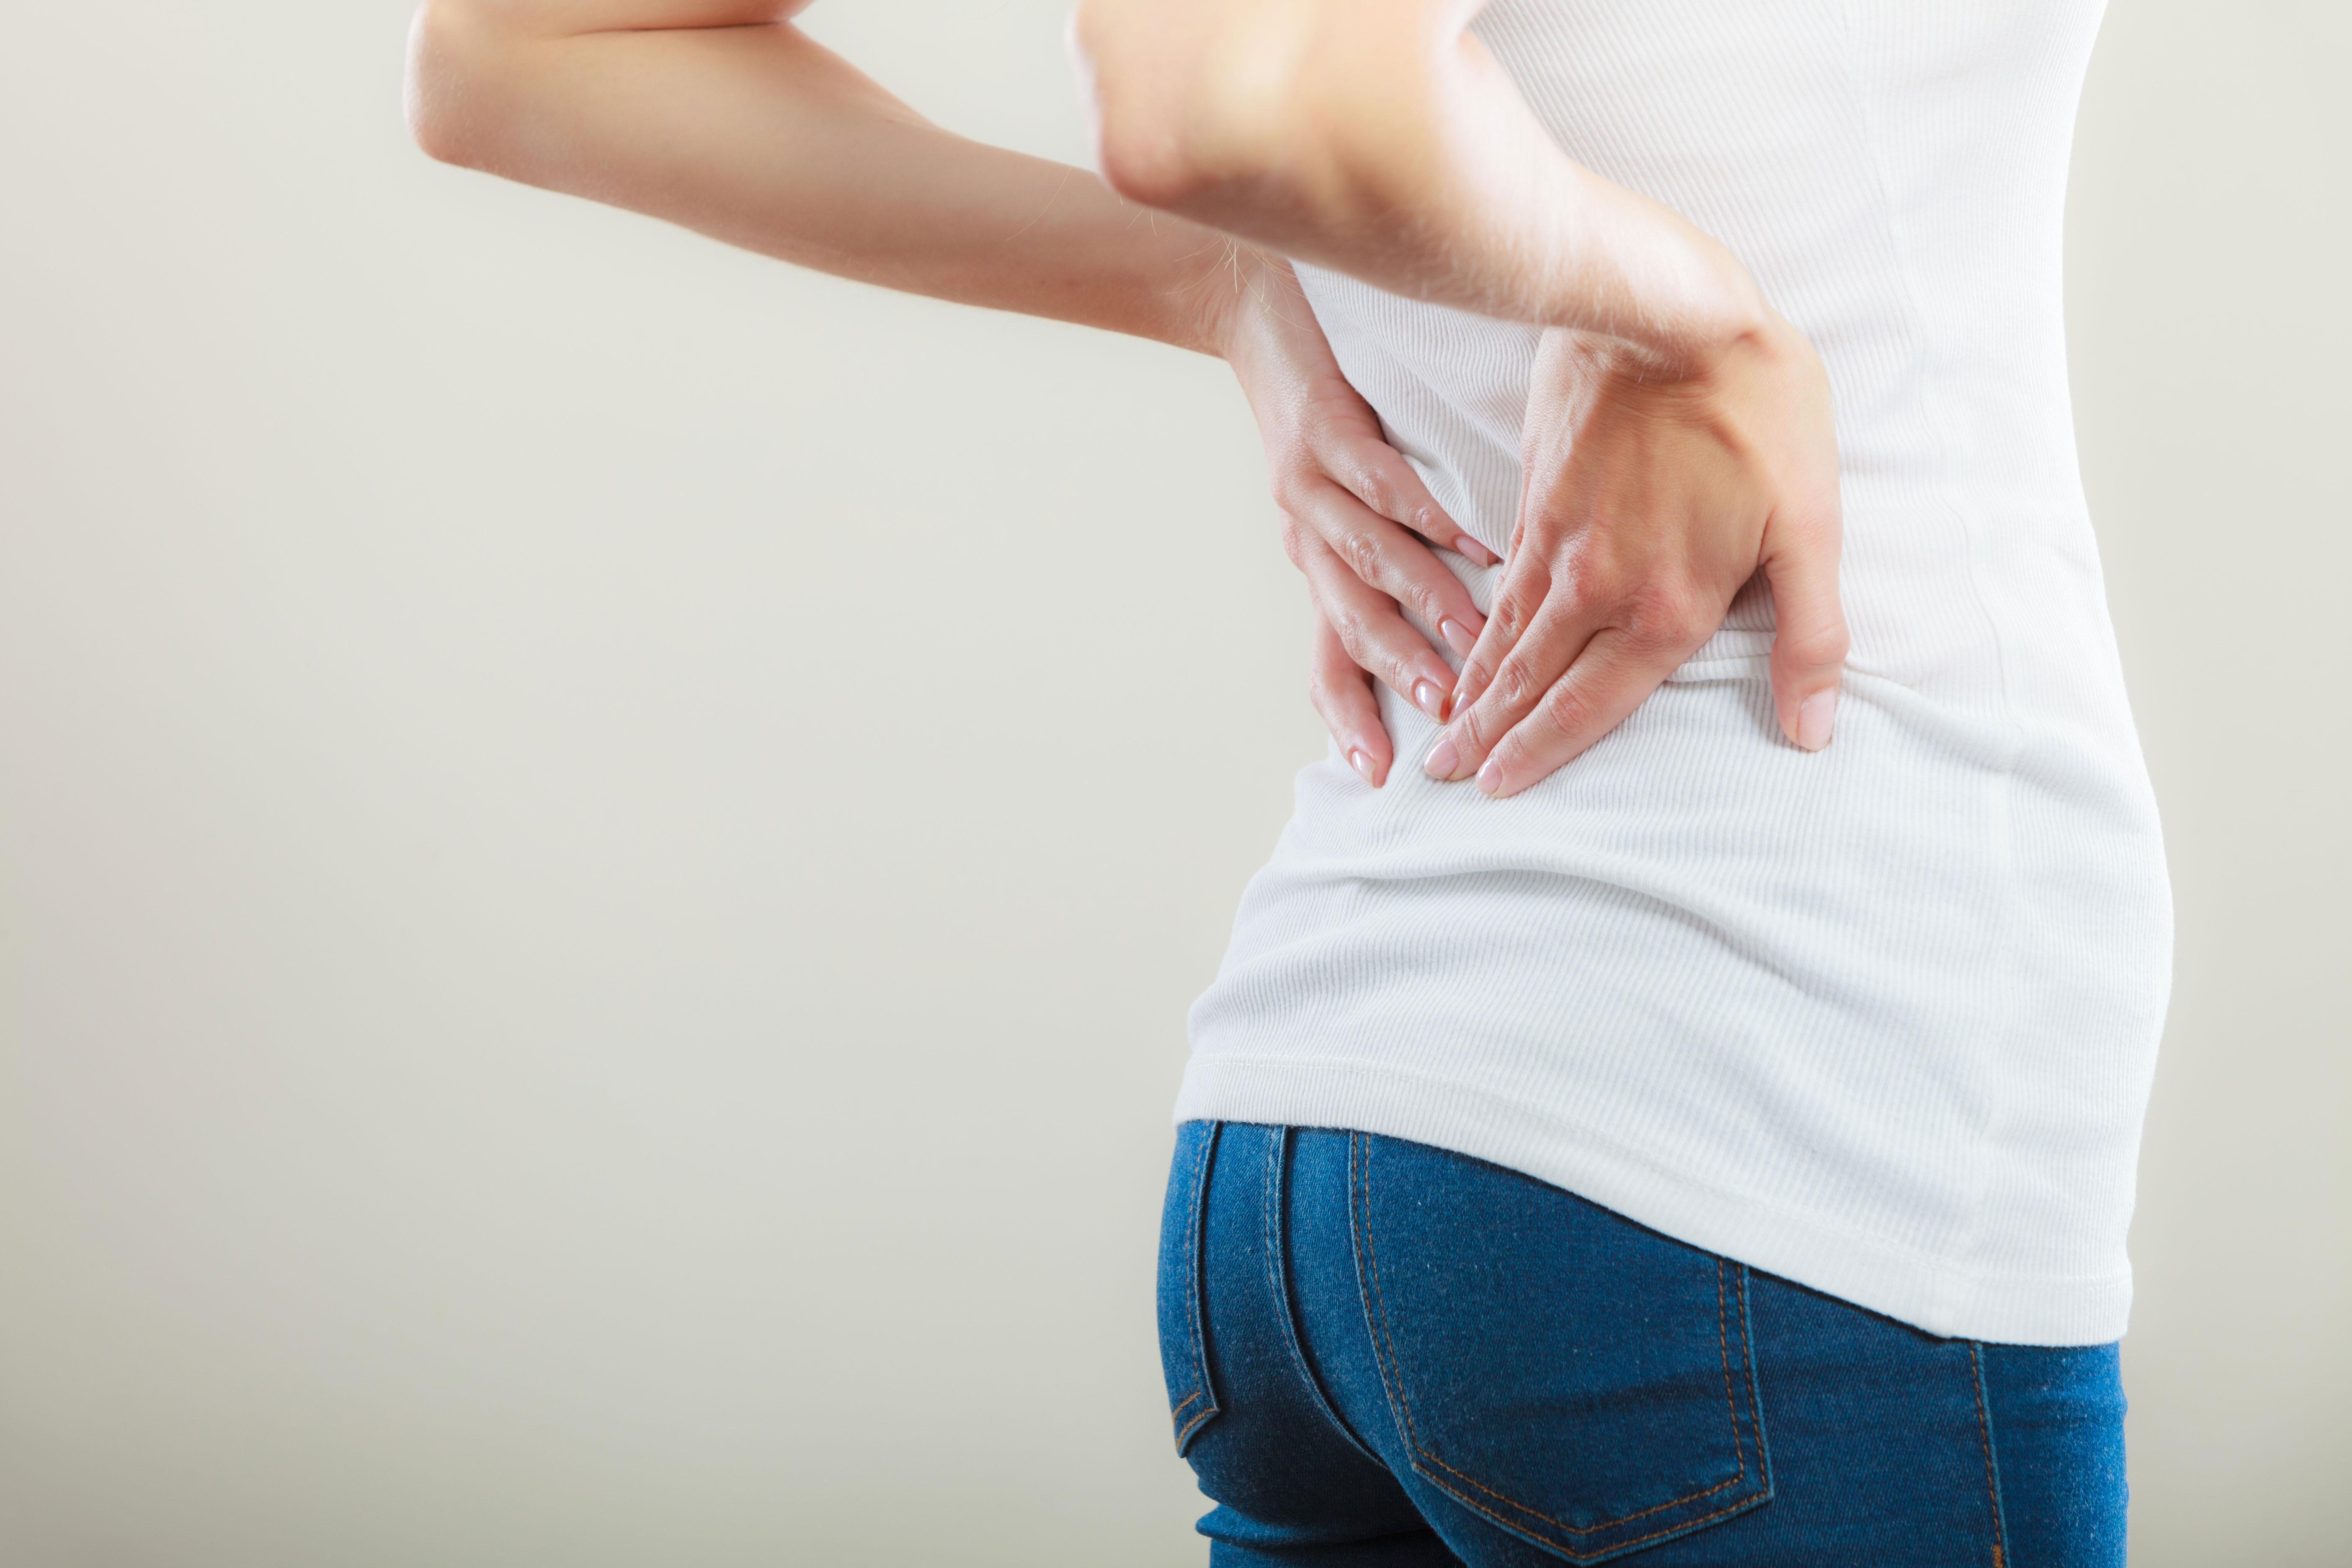 Le mal de dos vient souvent d'ailleurs